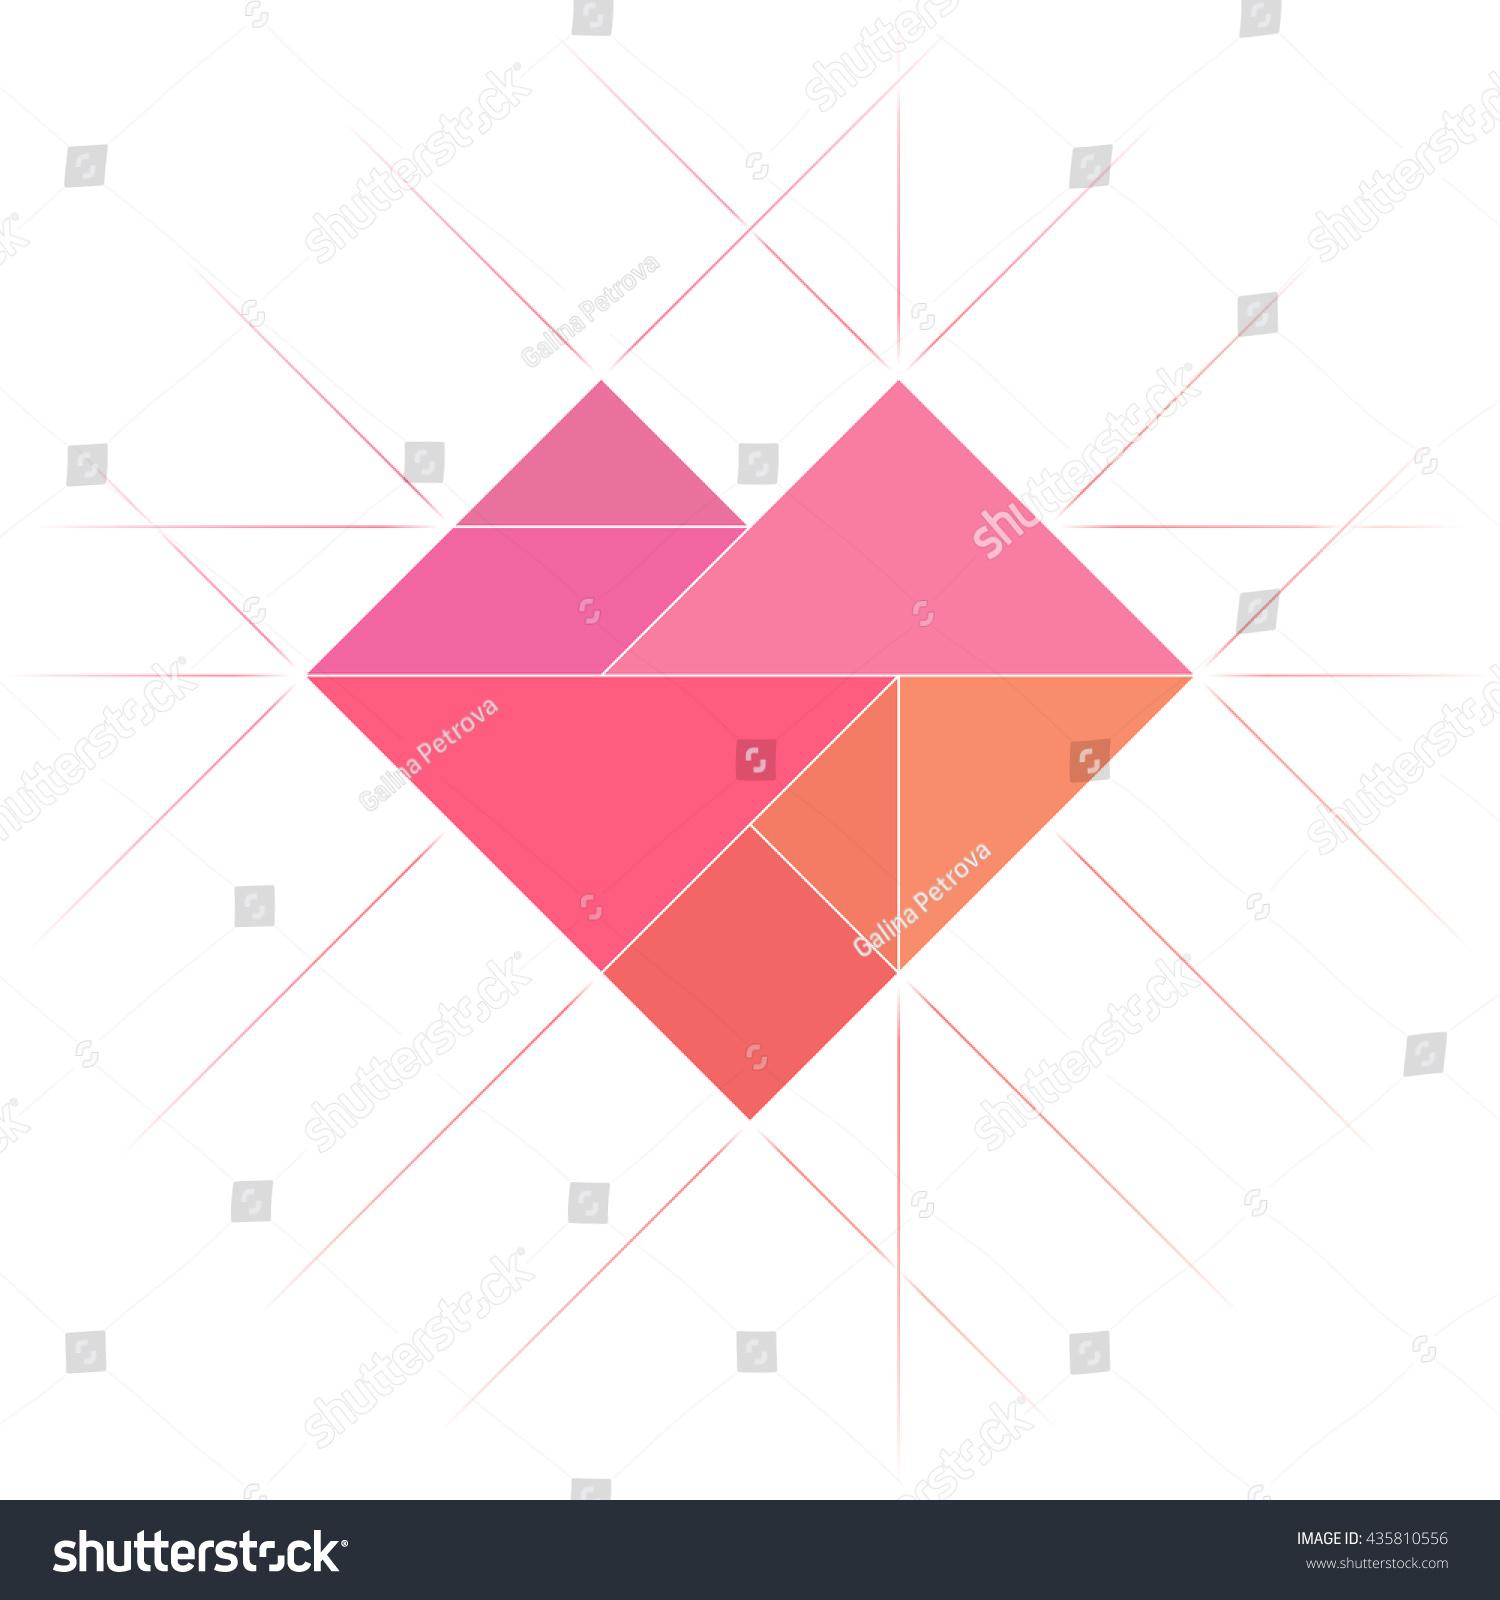 Image Vectorielle De Stock De Forme Du Coeur Tangram. Art serapportantà Tangram Carré